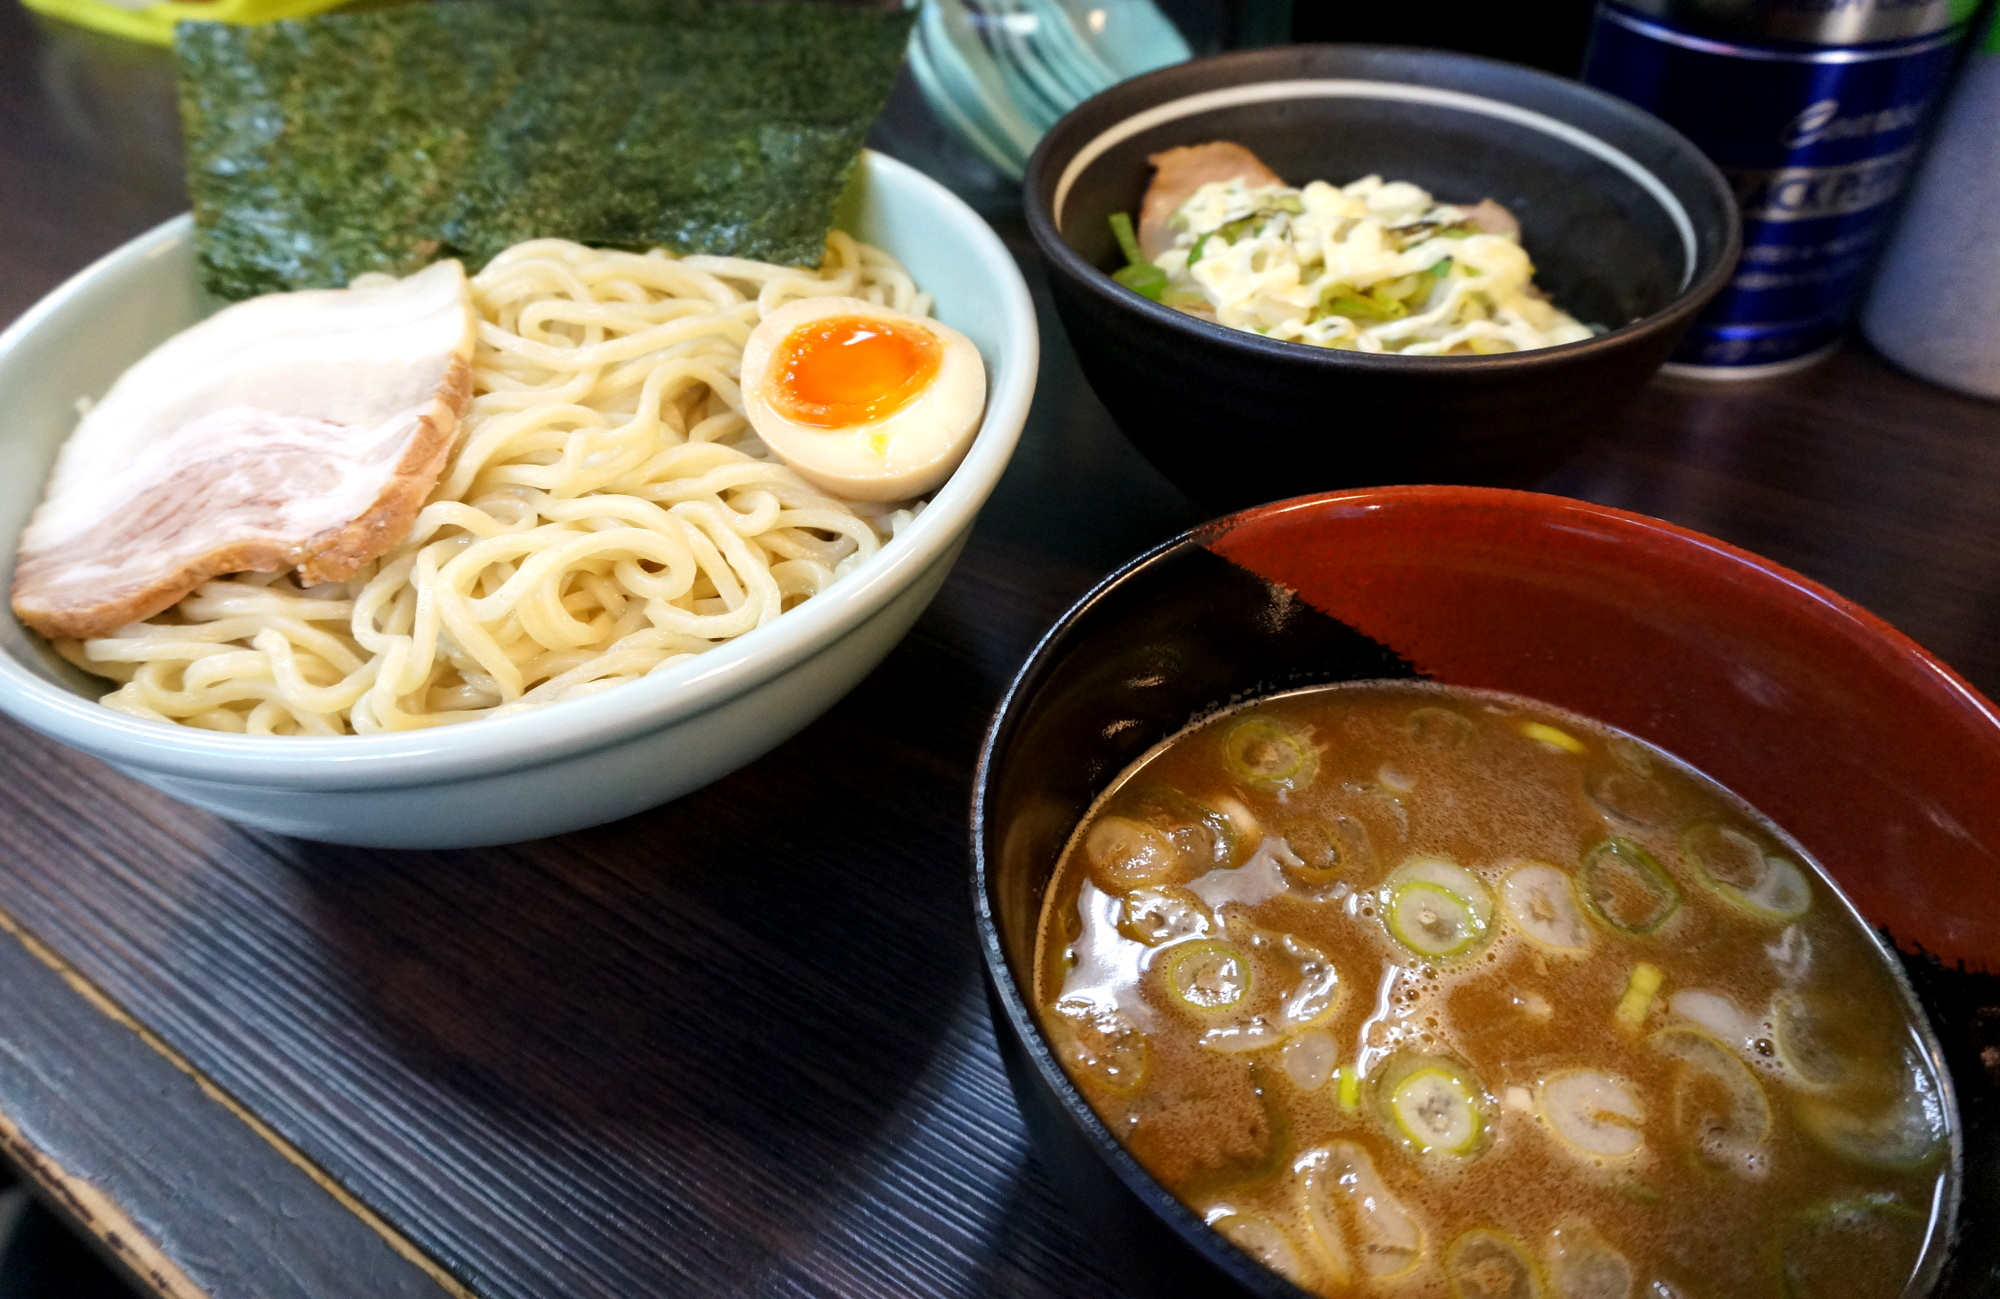 つけ麺大盛り<br>ミニチャーシュー丼セット